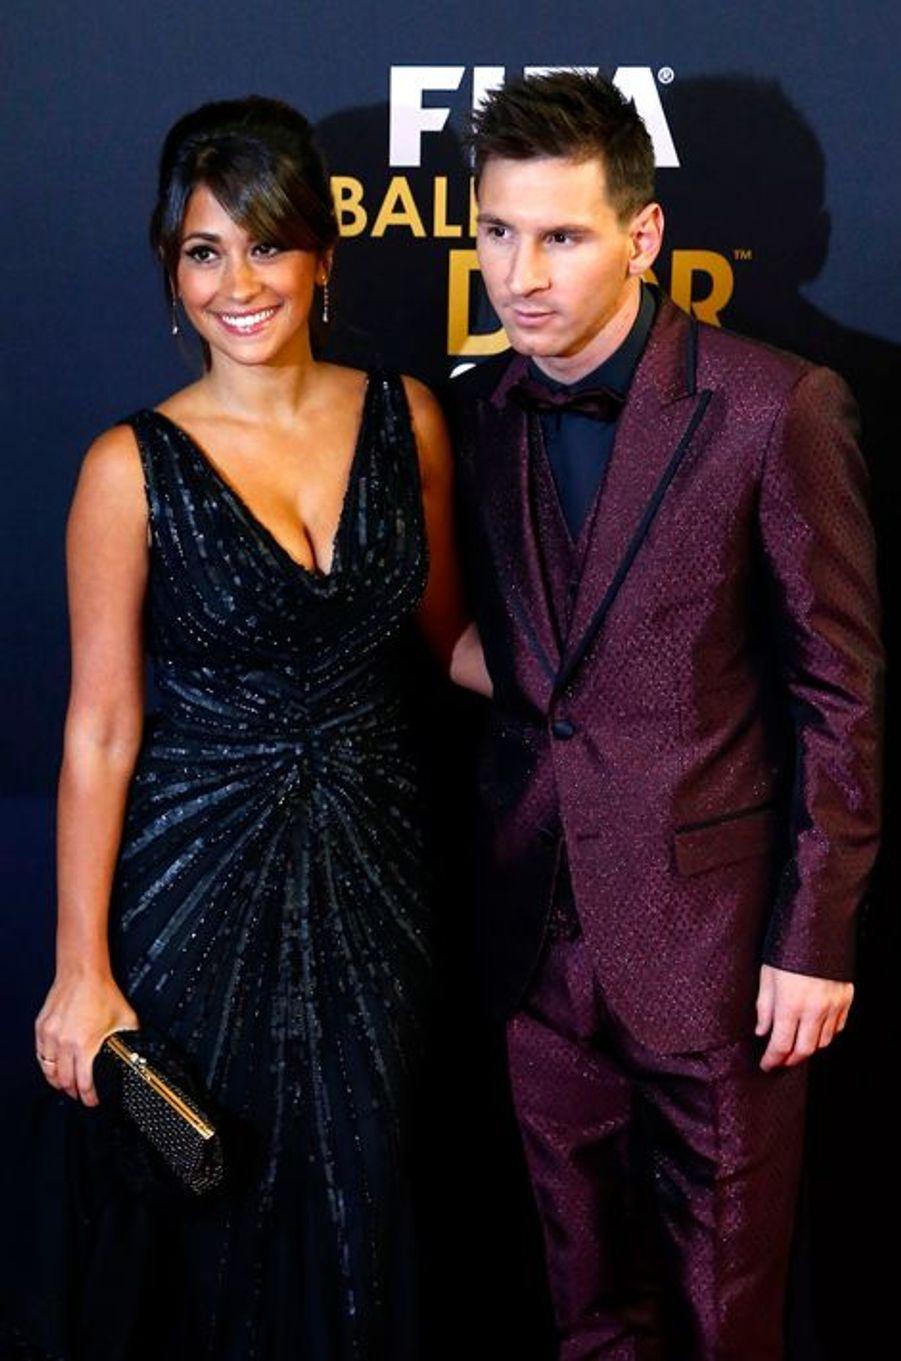 Le footballeur Lionel Messi et Antonella Roccuzzo ont accueilli ont accueilli leur deuxième enfant, un petit garçon prénommé Mateo, en septembre...